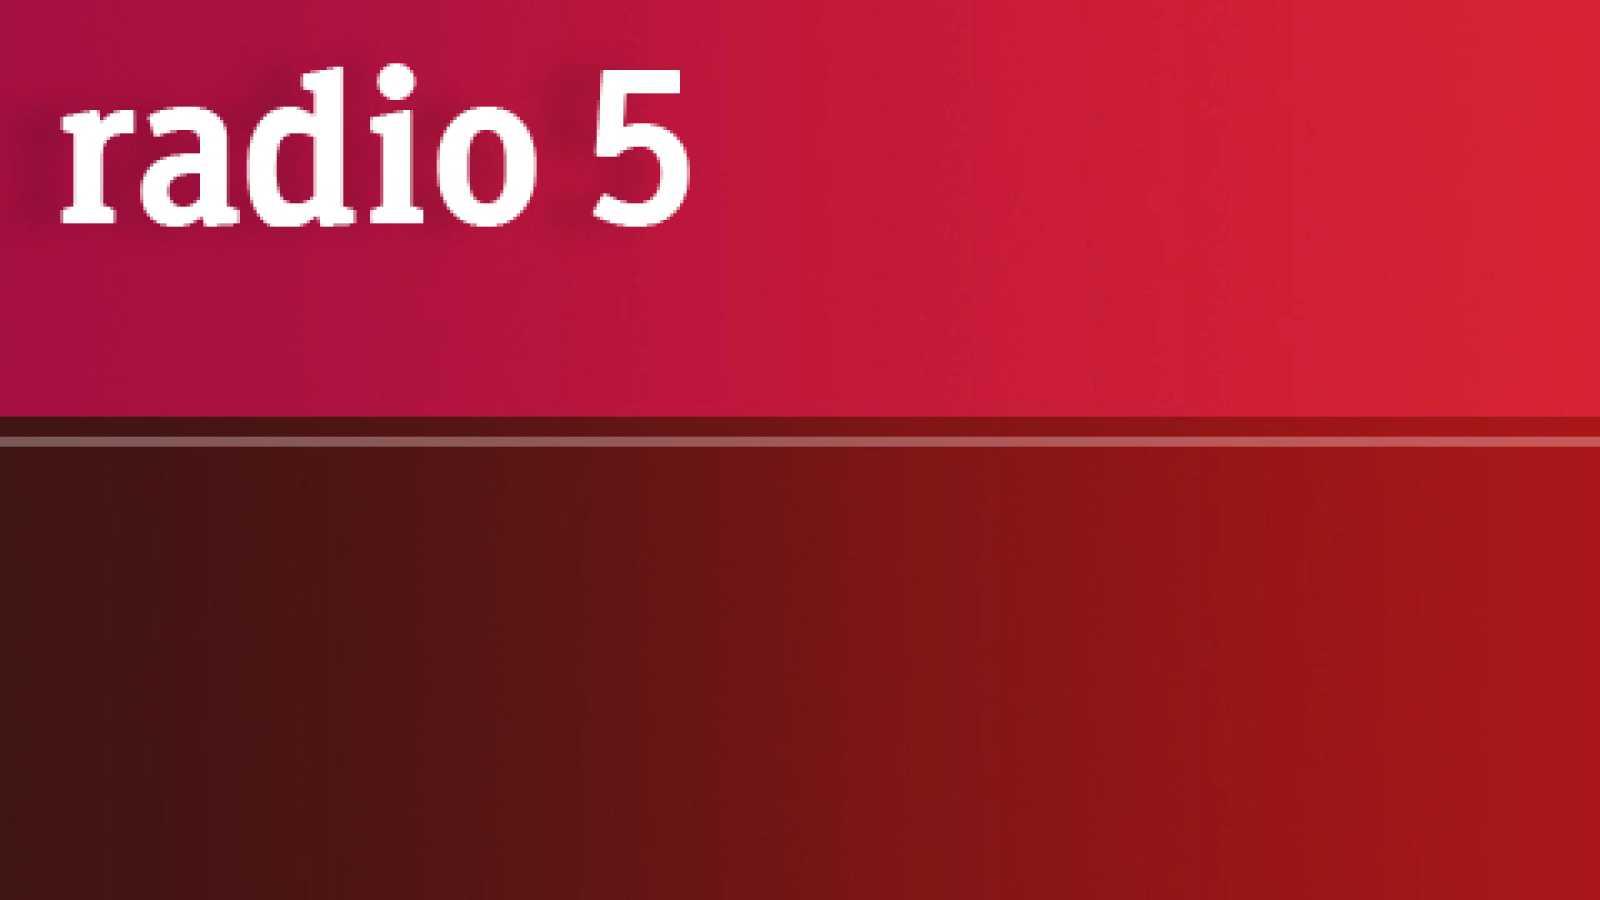 Reportajes en Radio 5 -  Vivir en un coliving o 'El síndrome de Peter Pan'  - 23/03/21 - Escuchar ahora